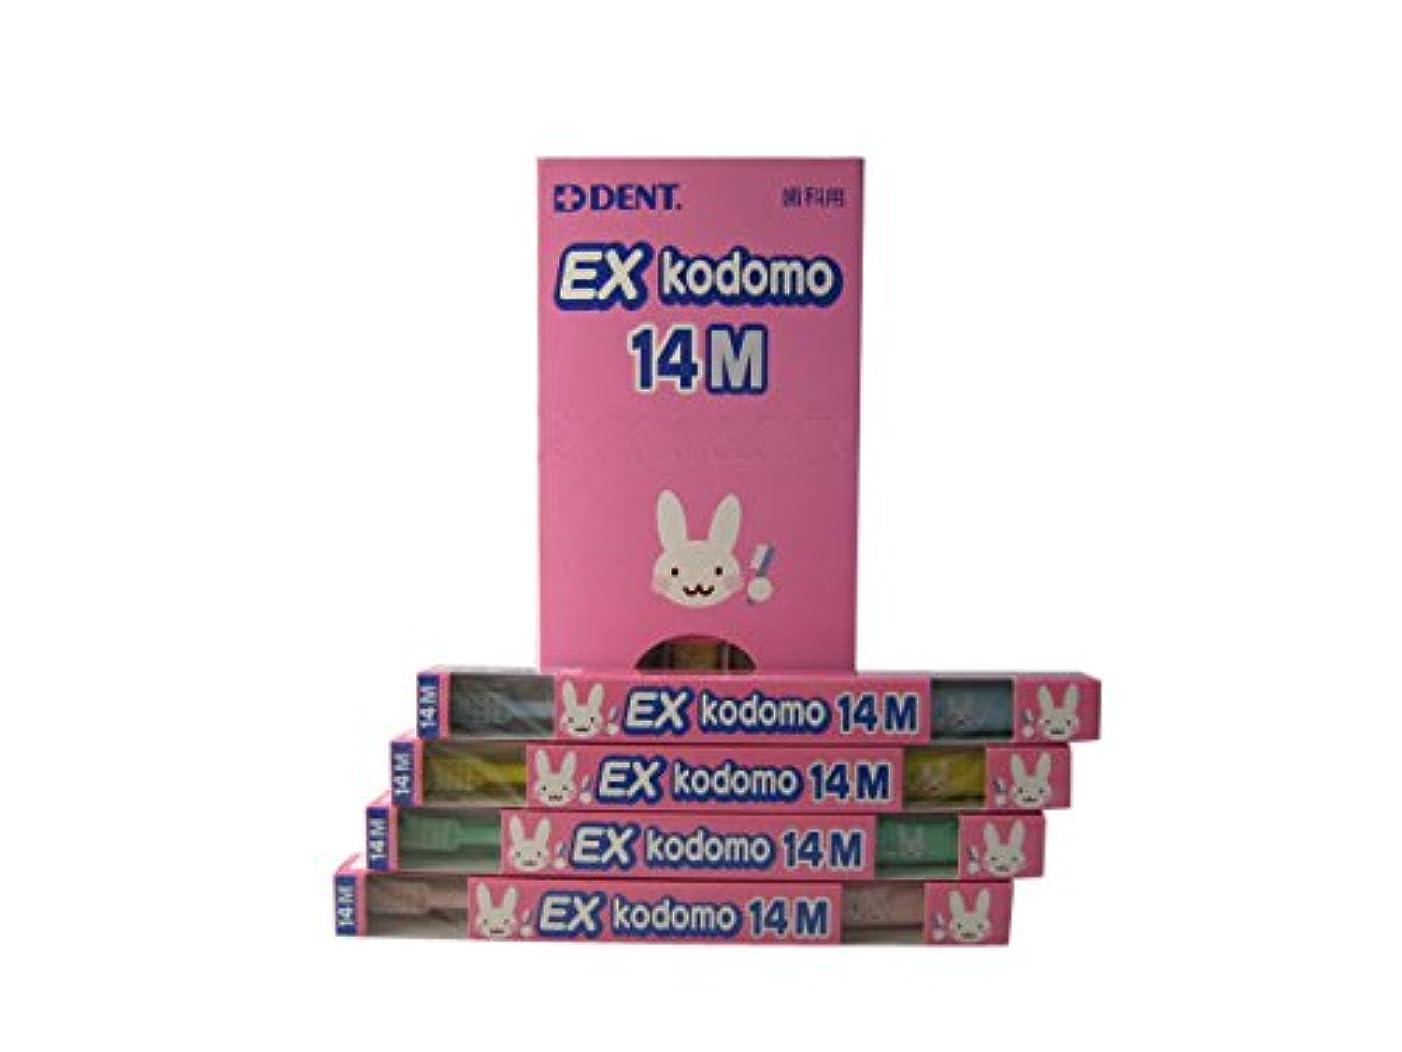 スペクトラムようこそ背の高いデント 【歯ブラシ/子供】 DENT EX kodomo 10本入り M 14